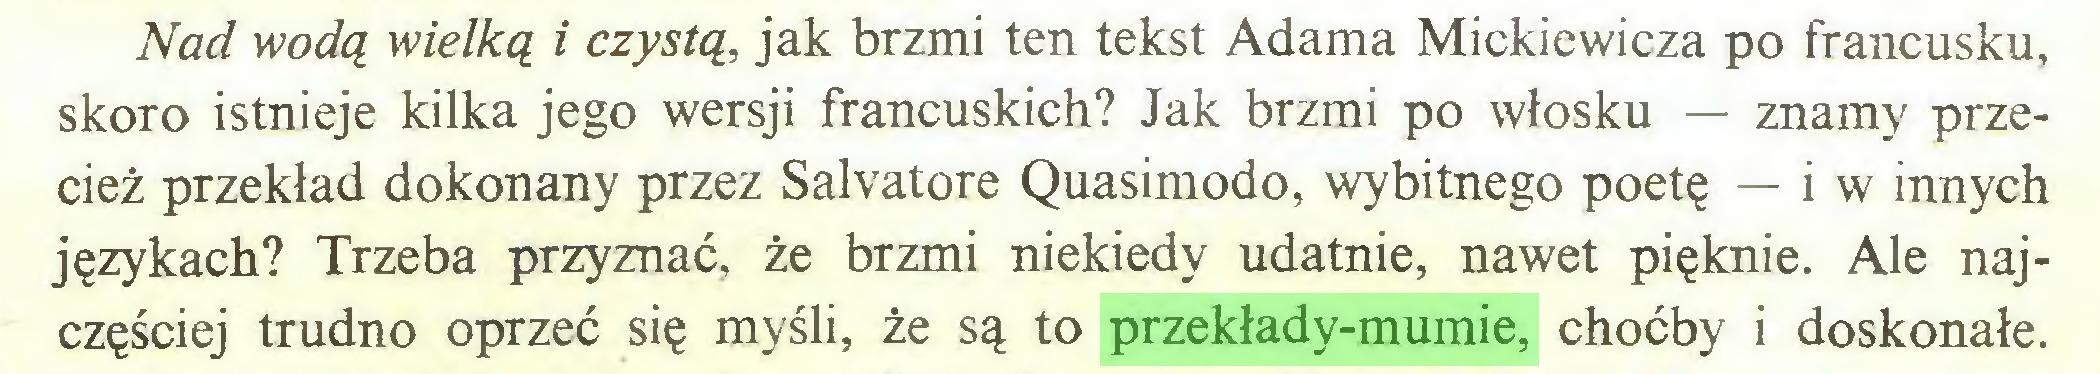 (...) Nad wodą wielką i czystą, jak brzmi ten tekst Adama Mickiewicza po francusku, skoro istnieje kilka jego wersji francuskich? Jak brzmi po włosku — znamy przecież przekład dokonany przez Salvatore Quasimodo, wybitnego poetę — i w innych językach? Trzeba przyznać, że brzmi niekiedy udatnie, nawet pięknie. Ale najczęściej trudno oprzeć się myśli, że są to przekłady-mumie, choćby i doskonałe...